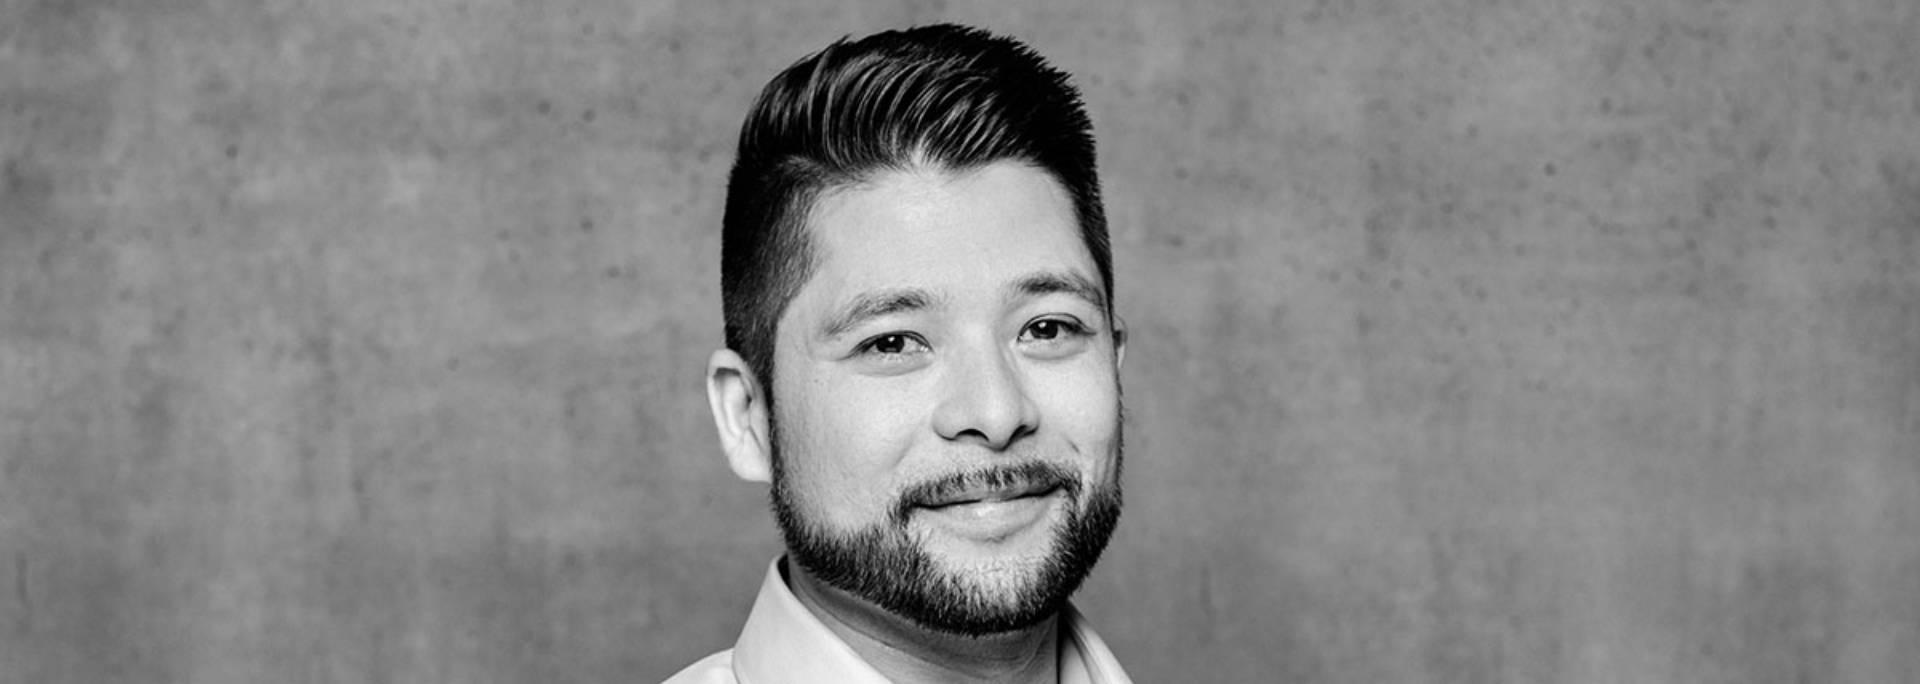 Kevin Wong ist der Leiter der Technikabteilung bei DQ Solutions. Er kennt sich aus mit Techsave.